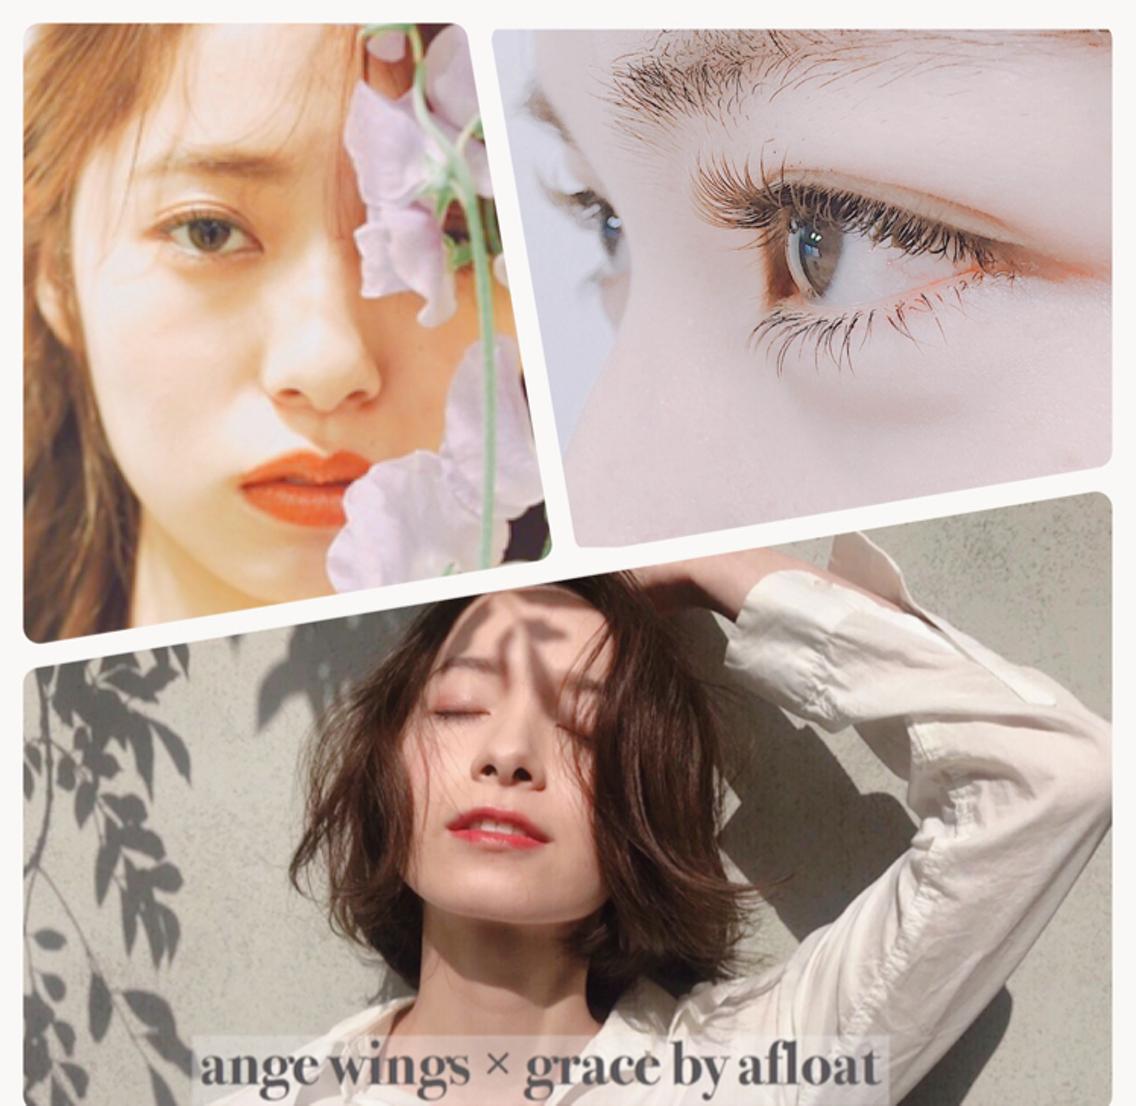 ange wings × grace by afloat(株式会社フォーサイス)所属・石嶺杏里の掲載